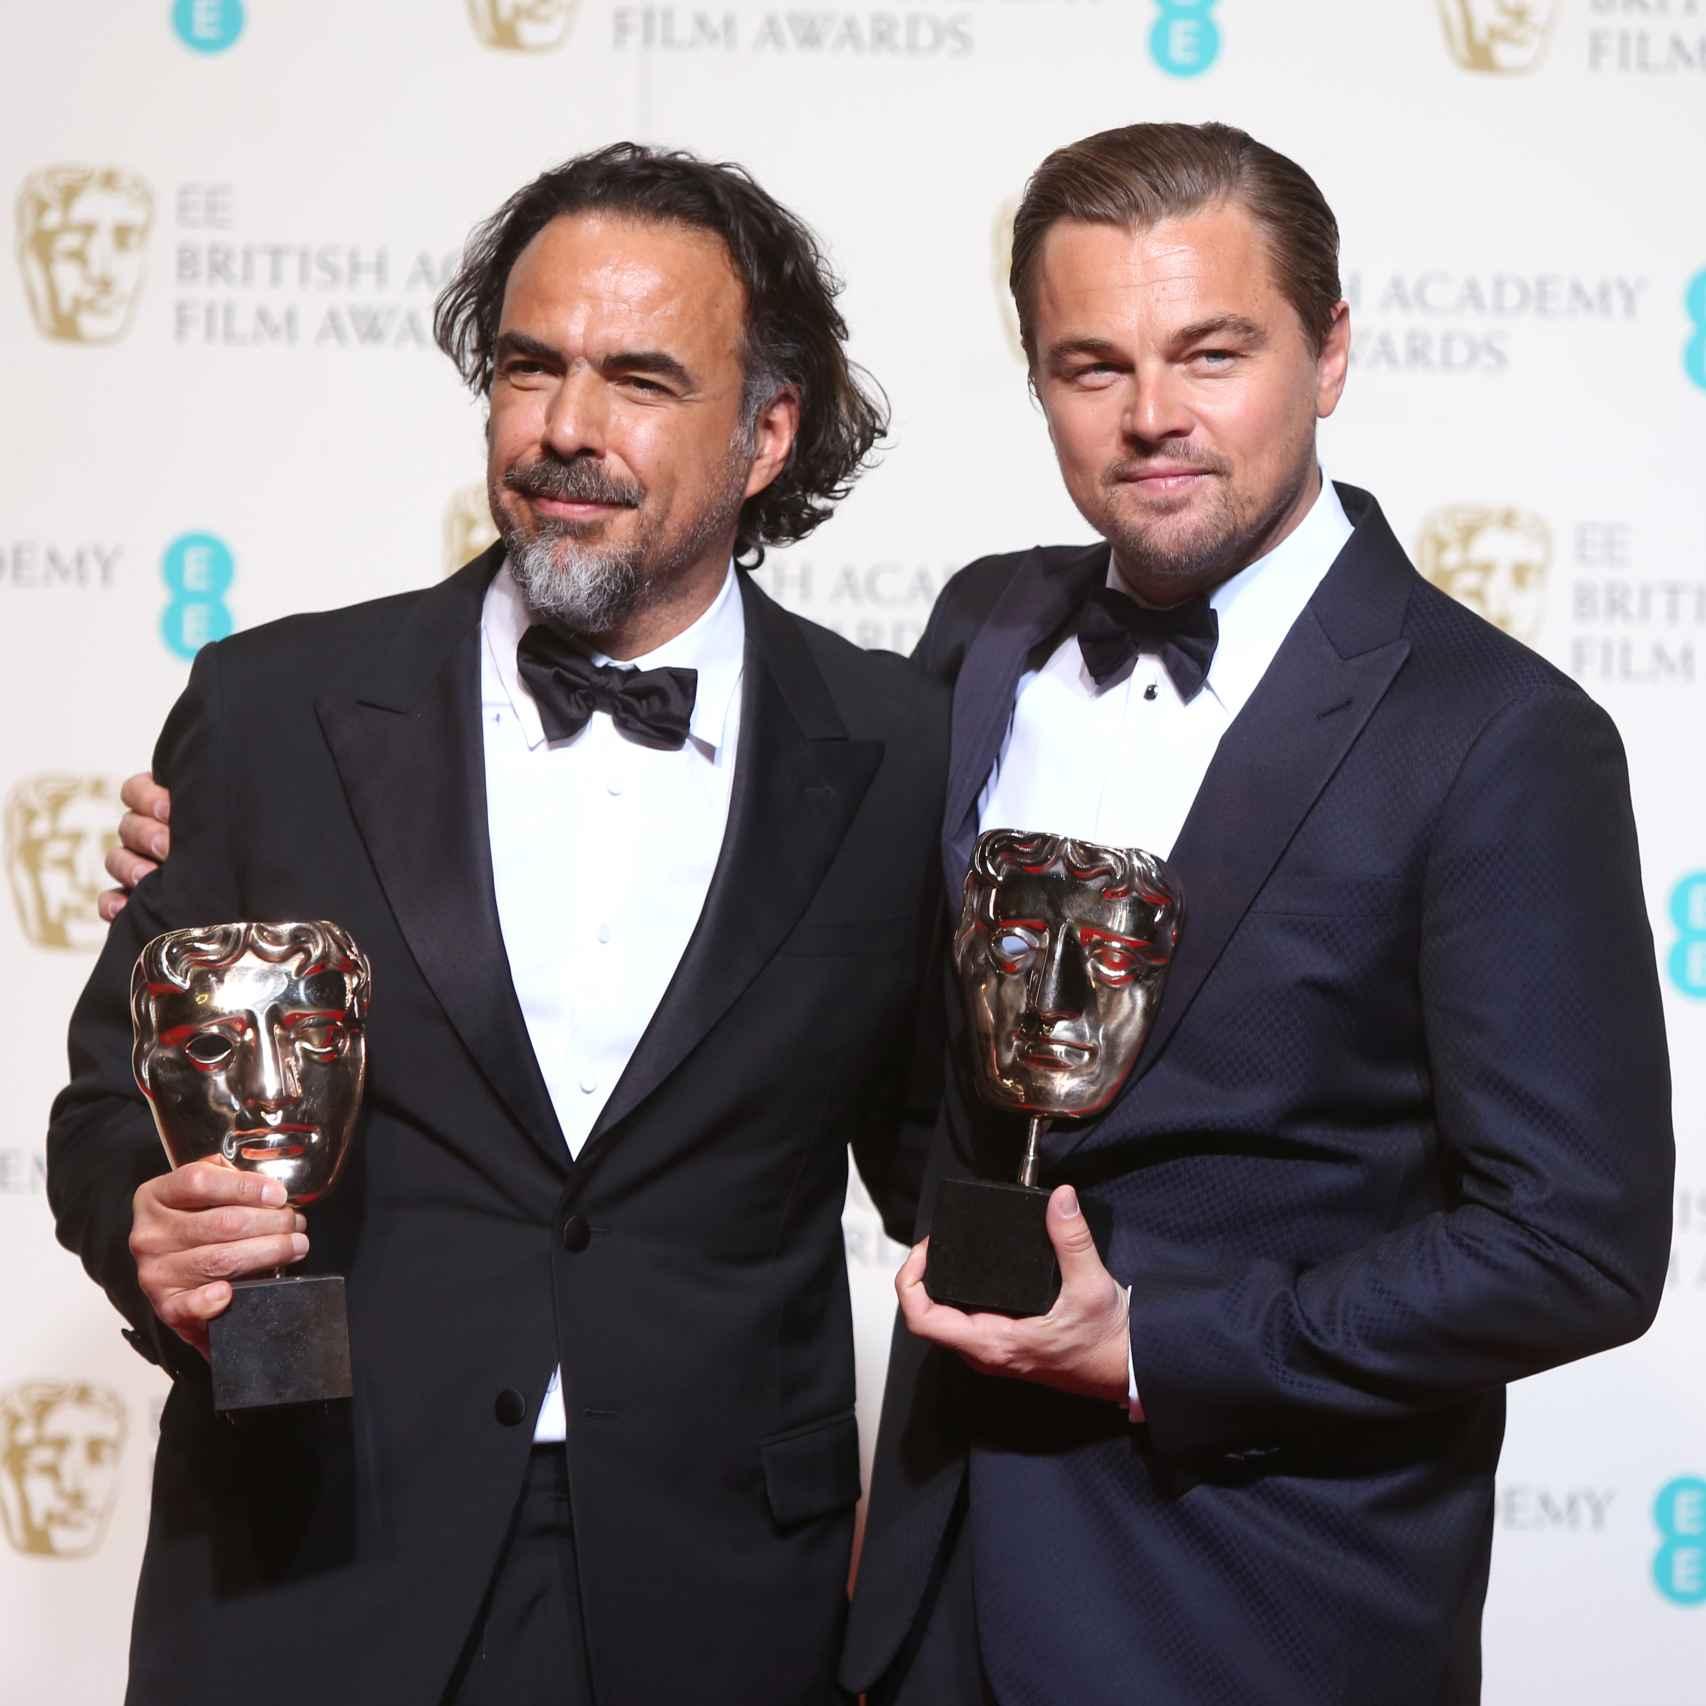 González Iñárritu y Leonardo DiCaprio en los Bafta 2016